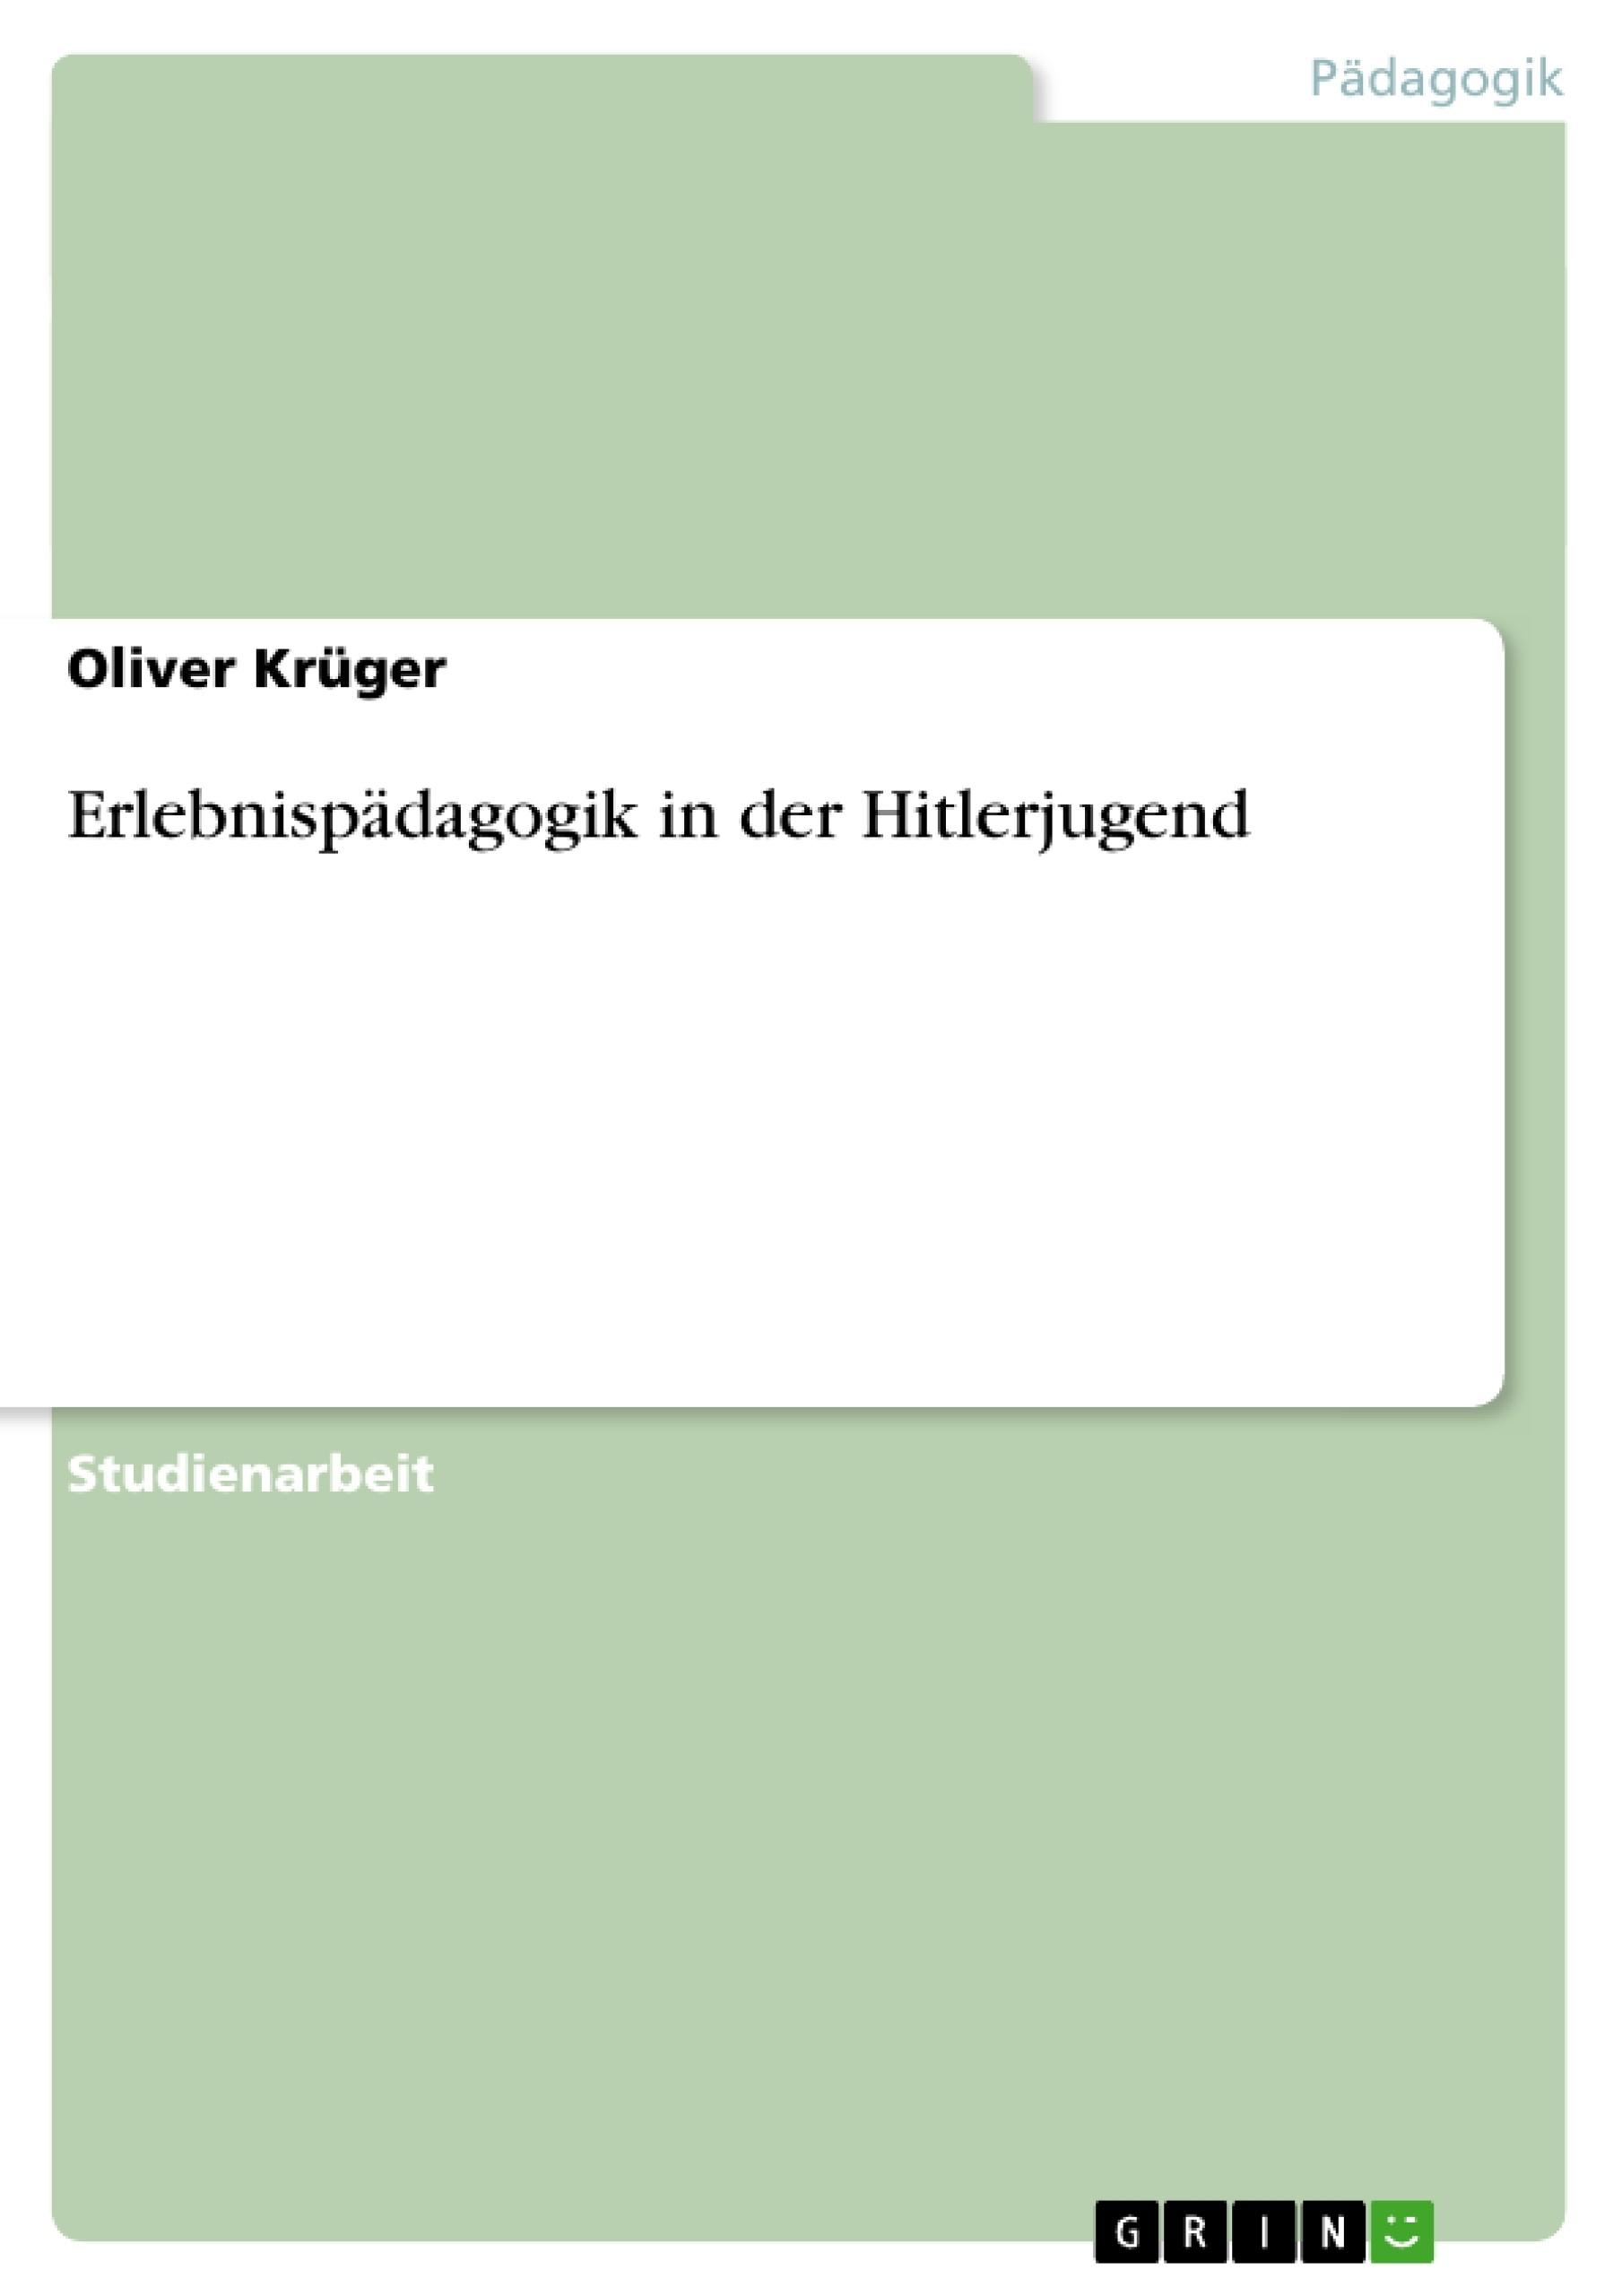 Titel: Erlebnispädagogik in der Hitlerjugend